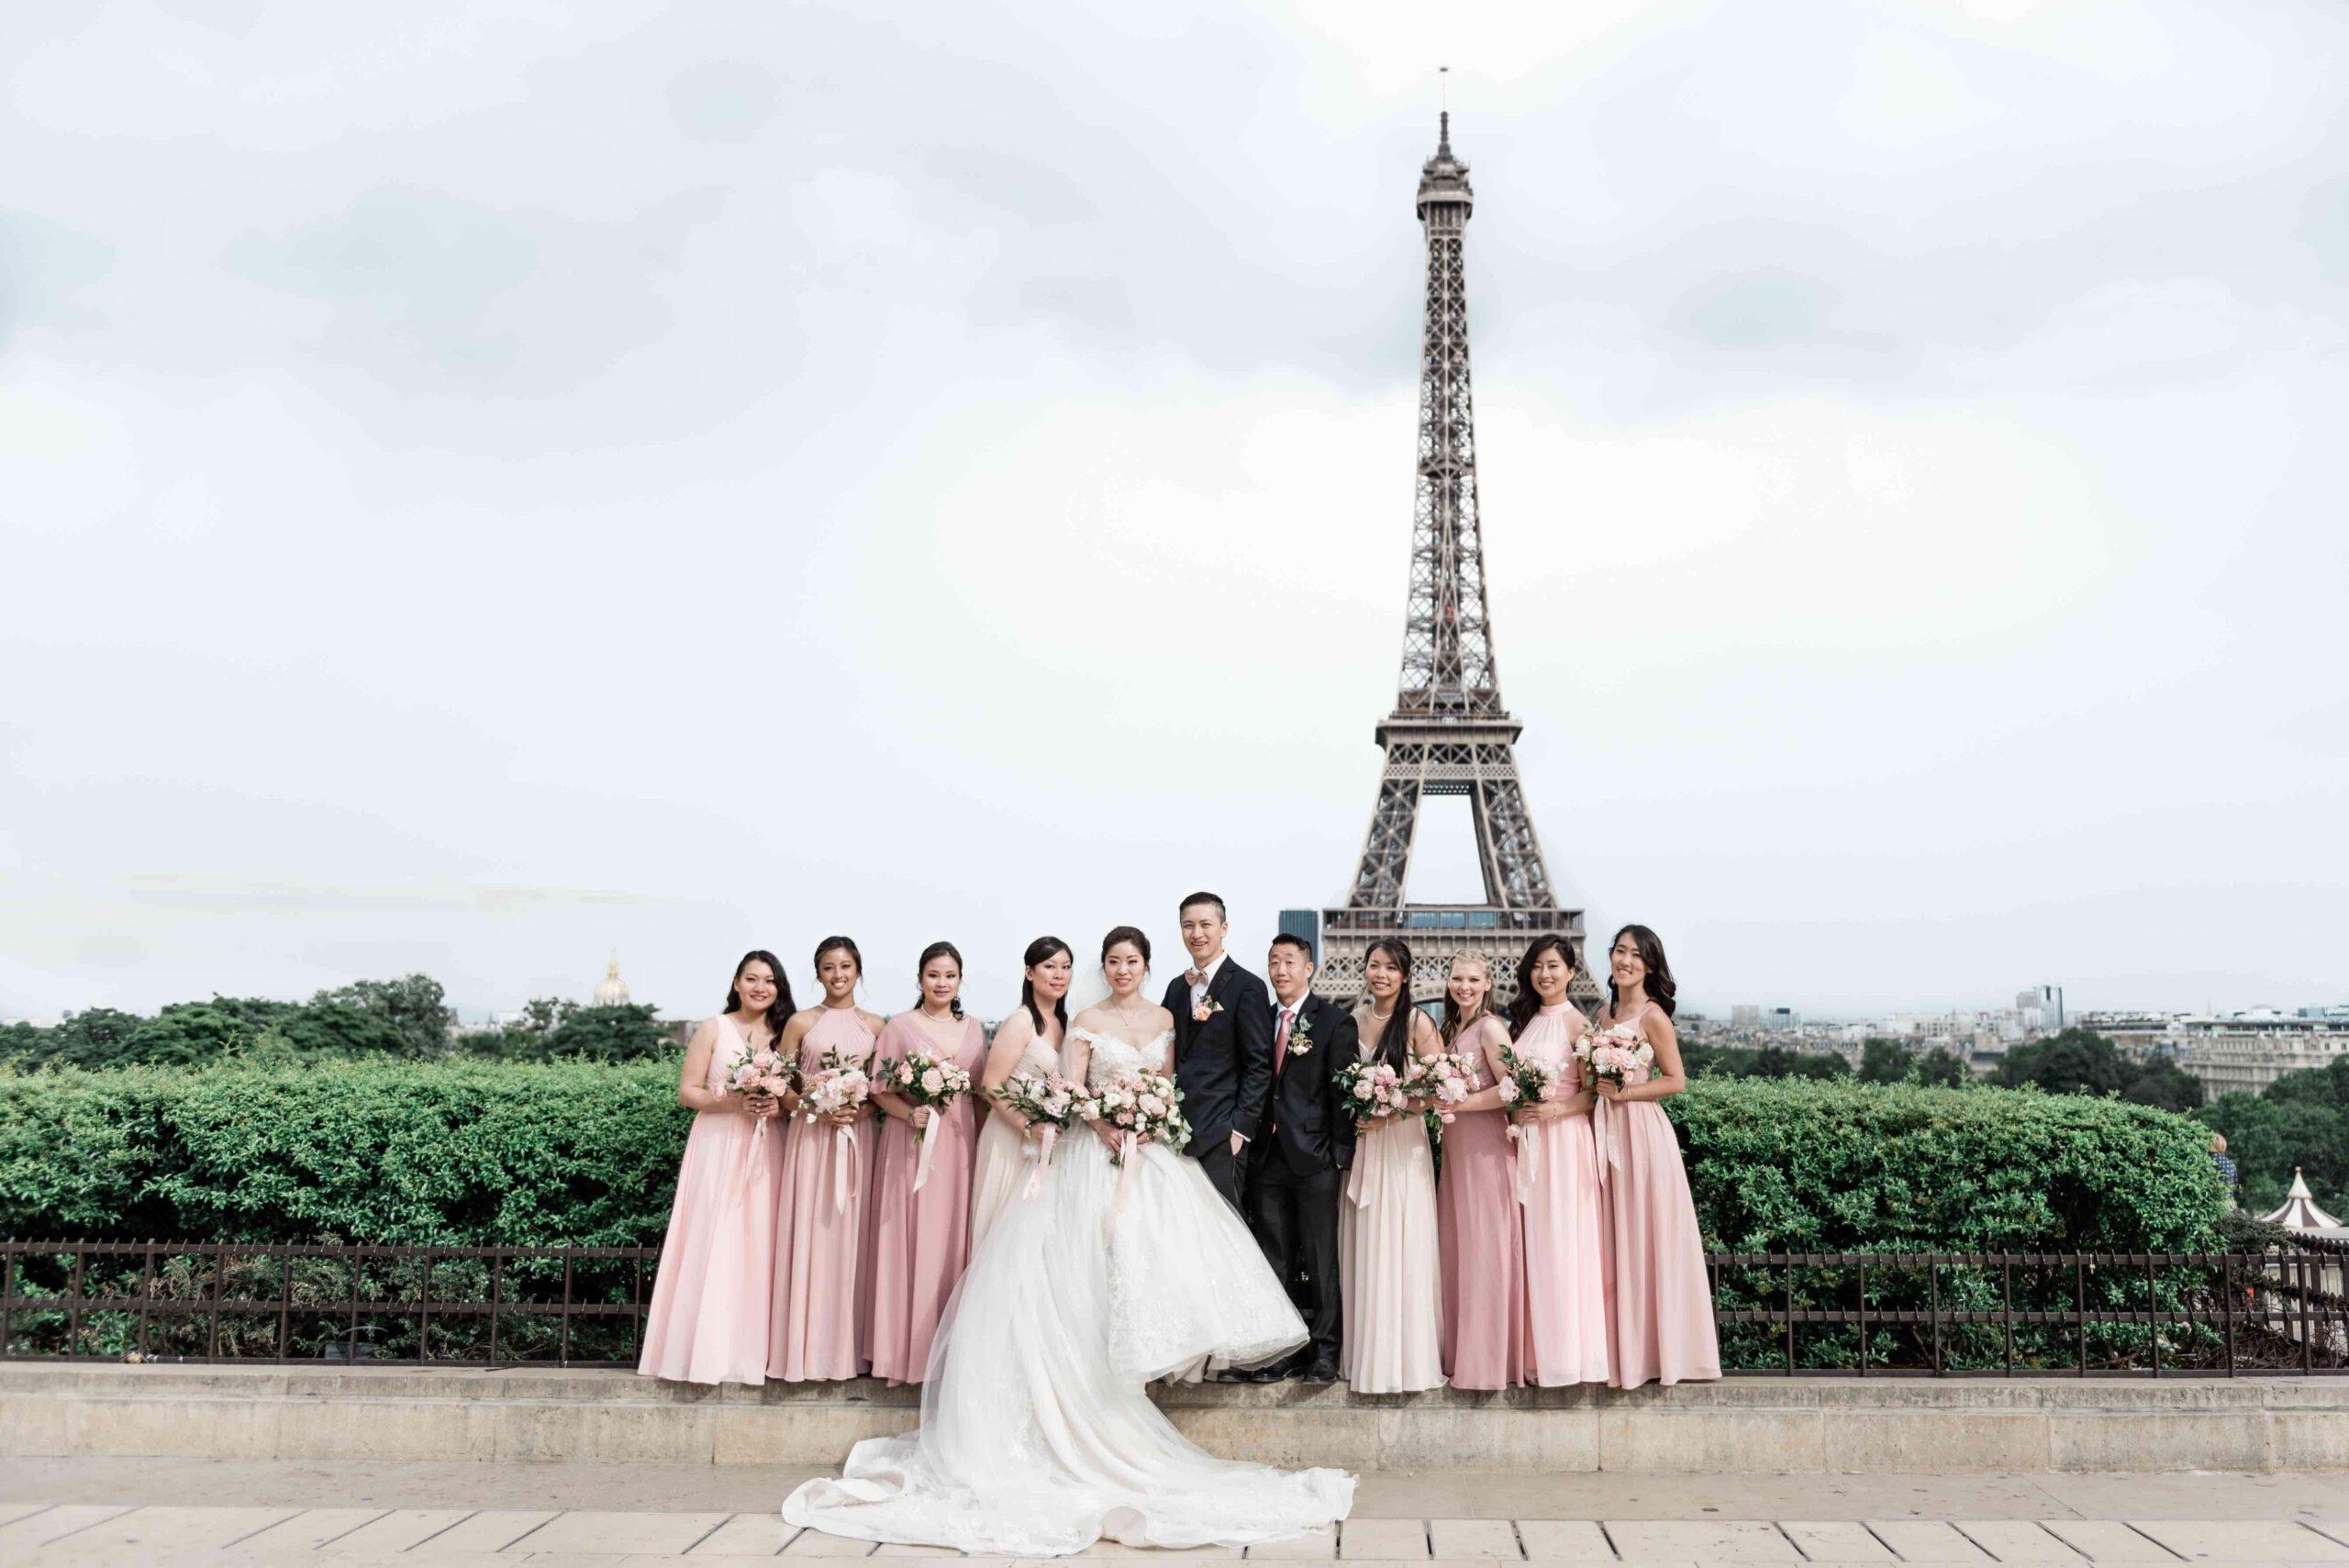 Een bridal party voor de Eiffeltoren